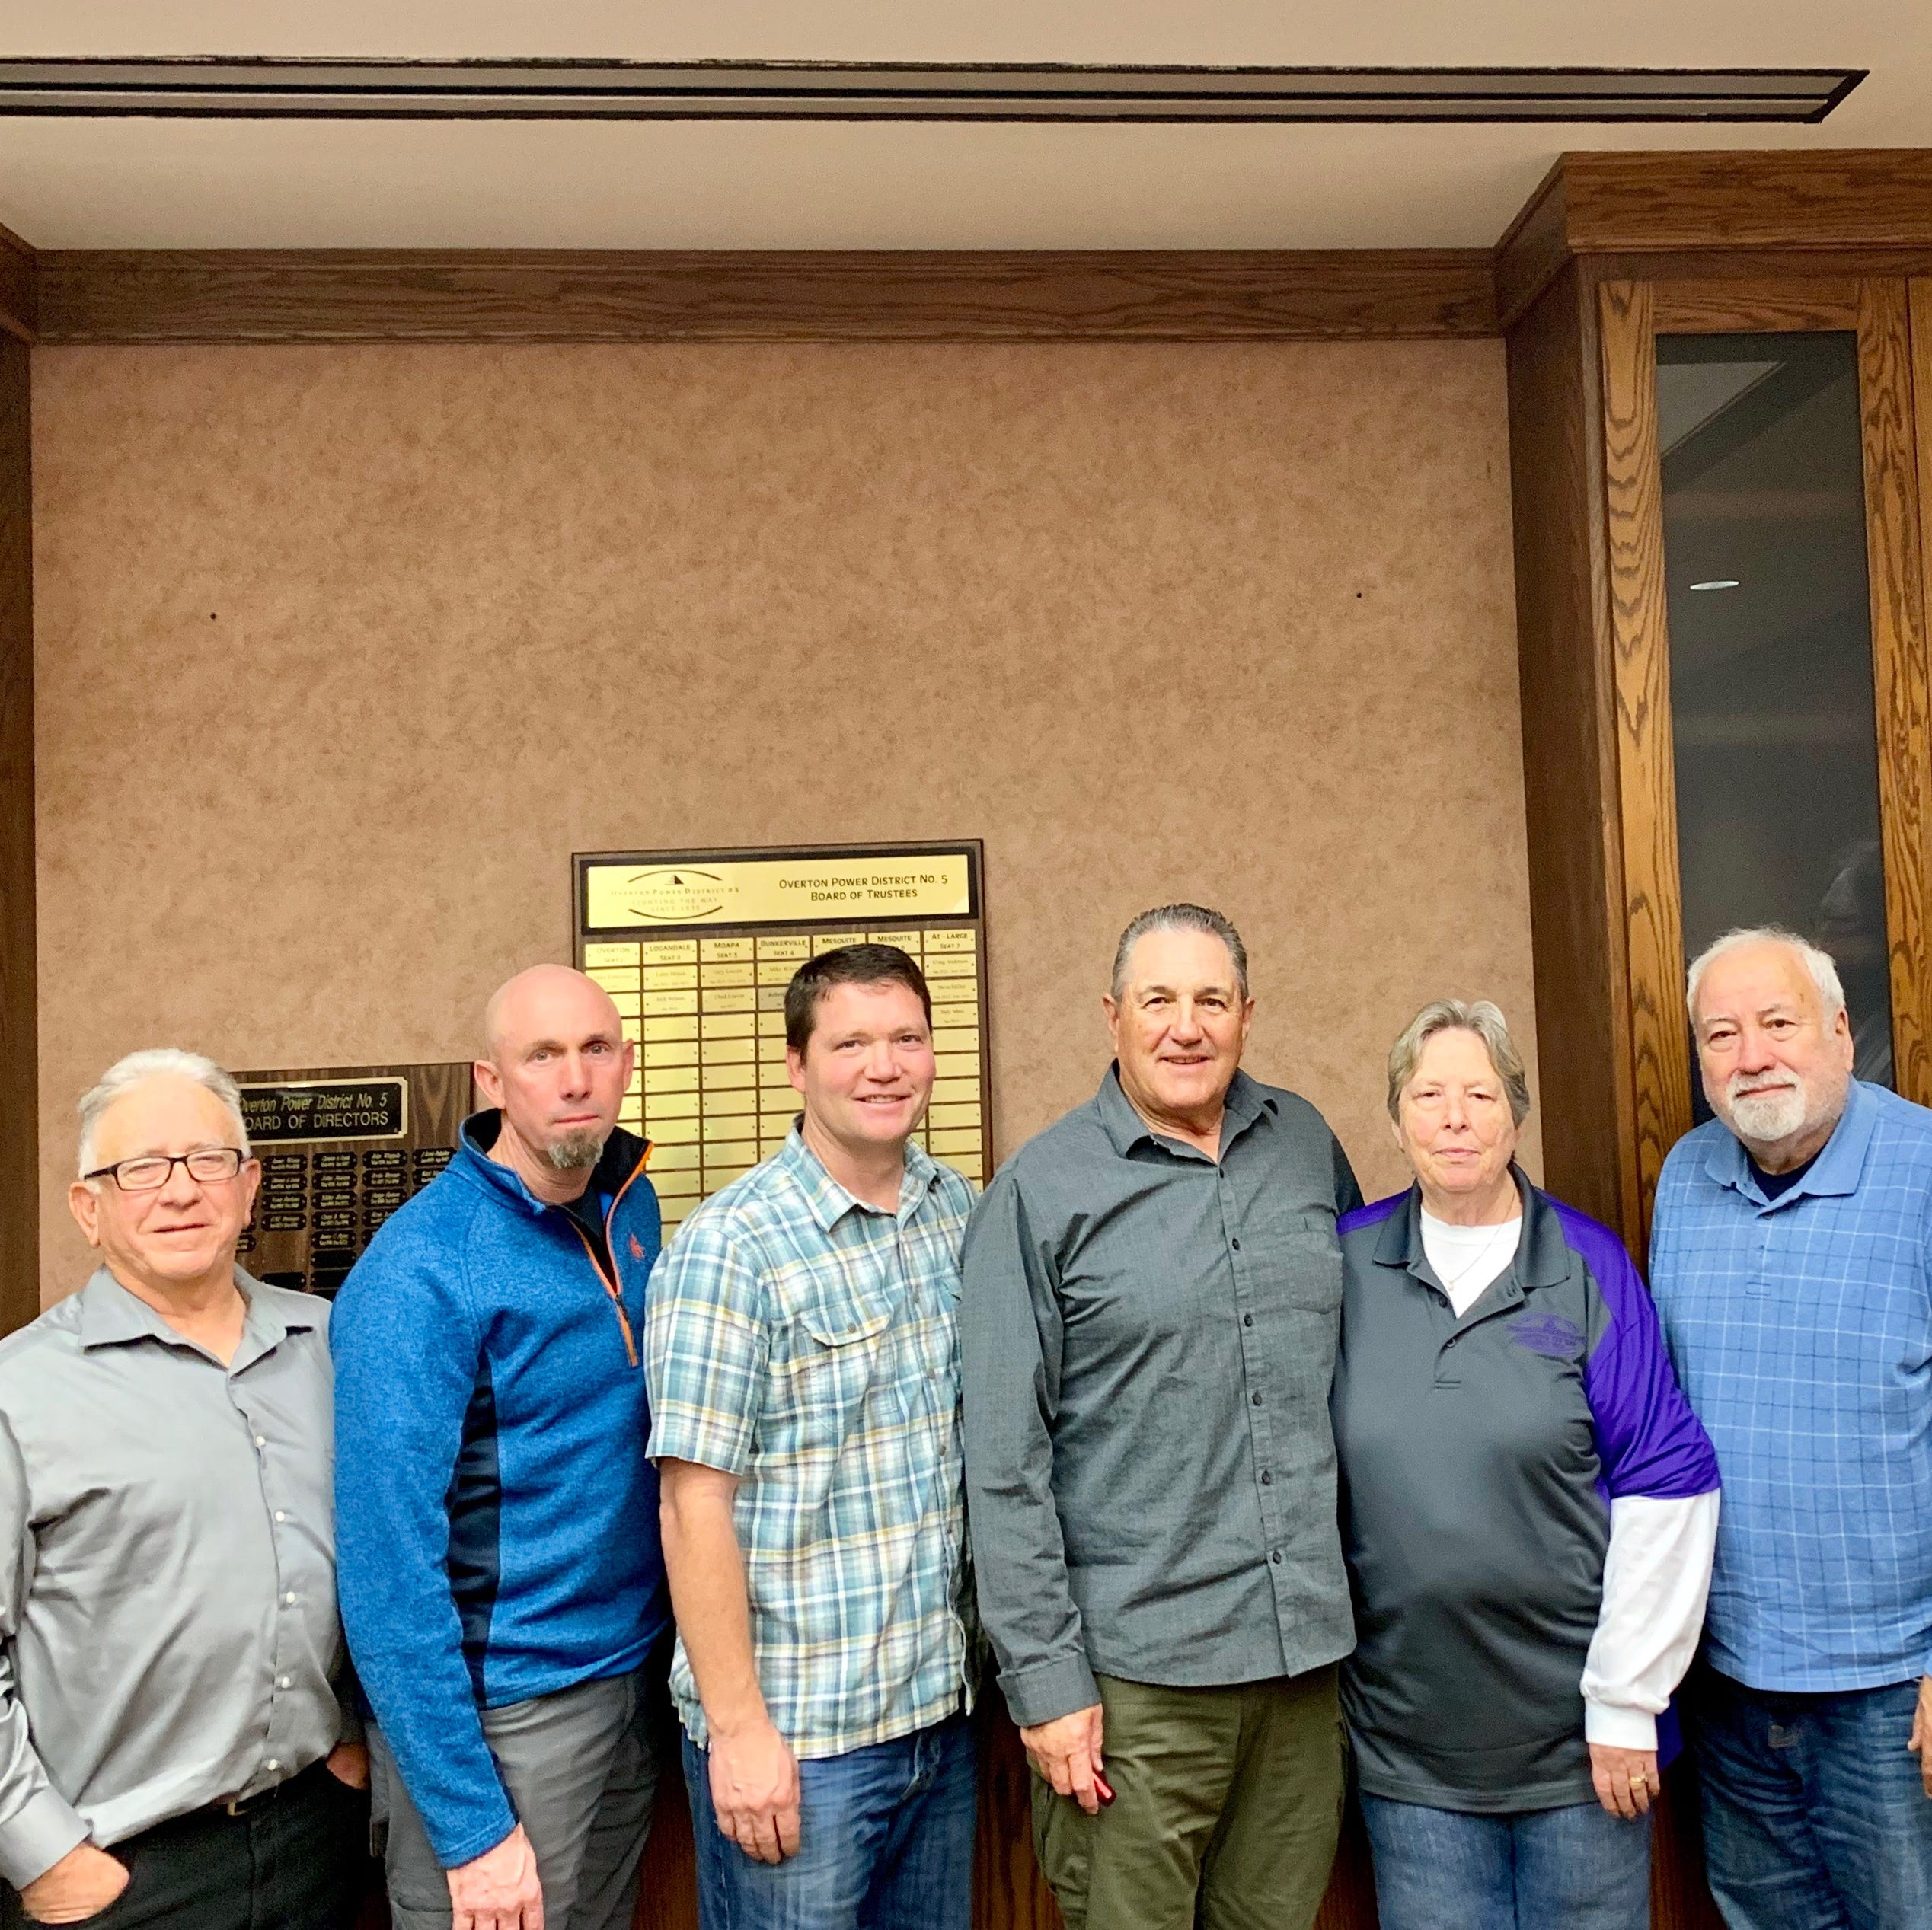 Overton Power District swears in new board members